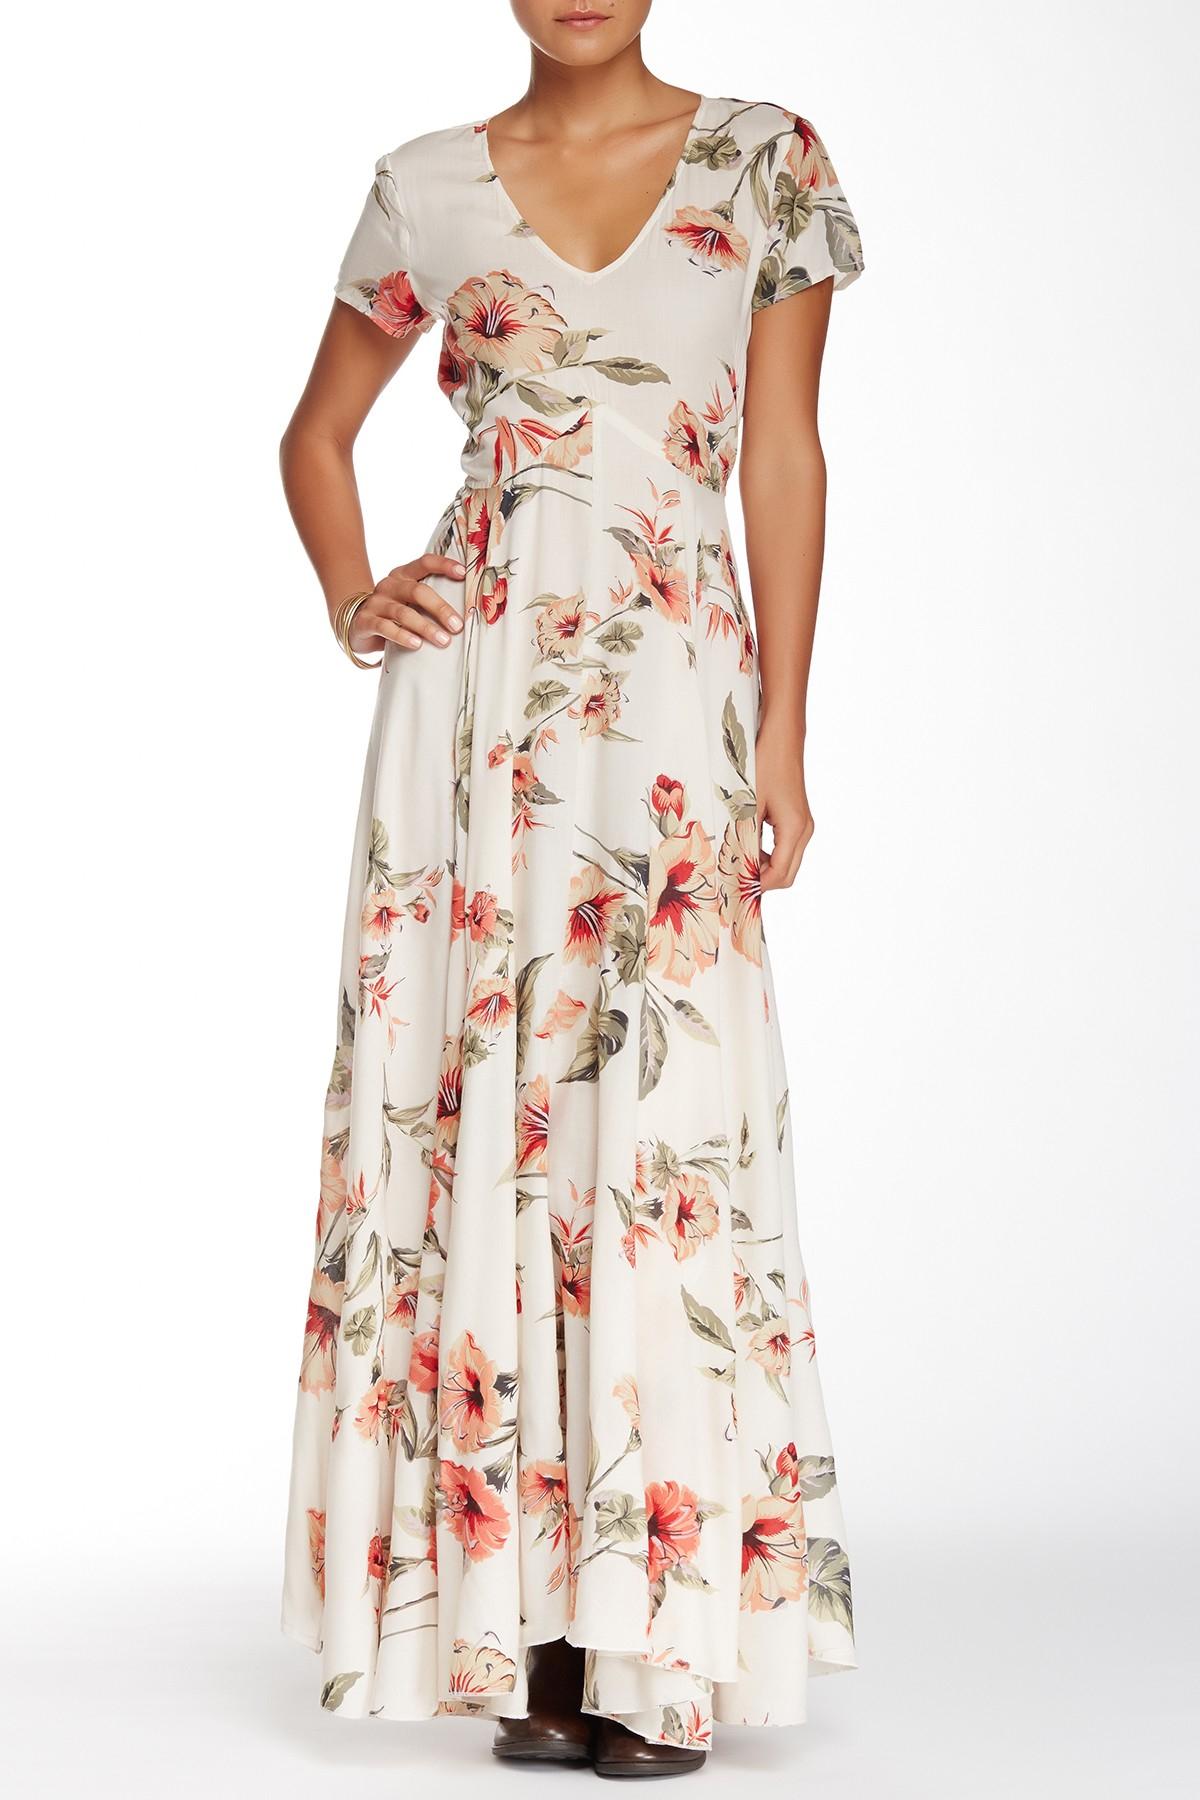 016199ce3d7 Lyst - Raga Tropical Getaway Maxi Dress